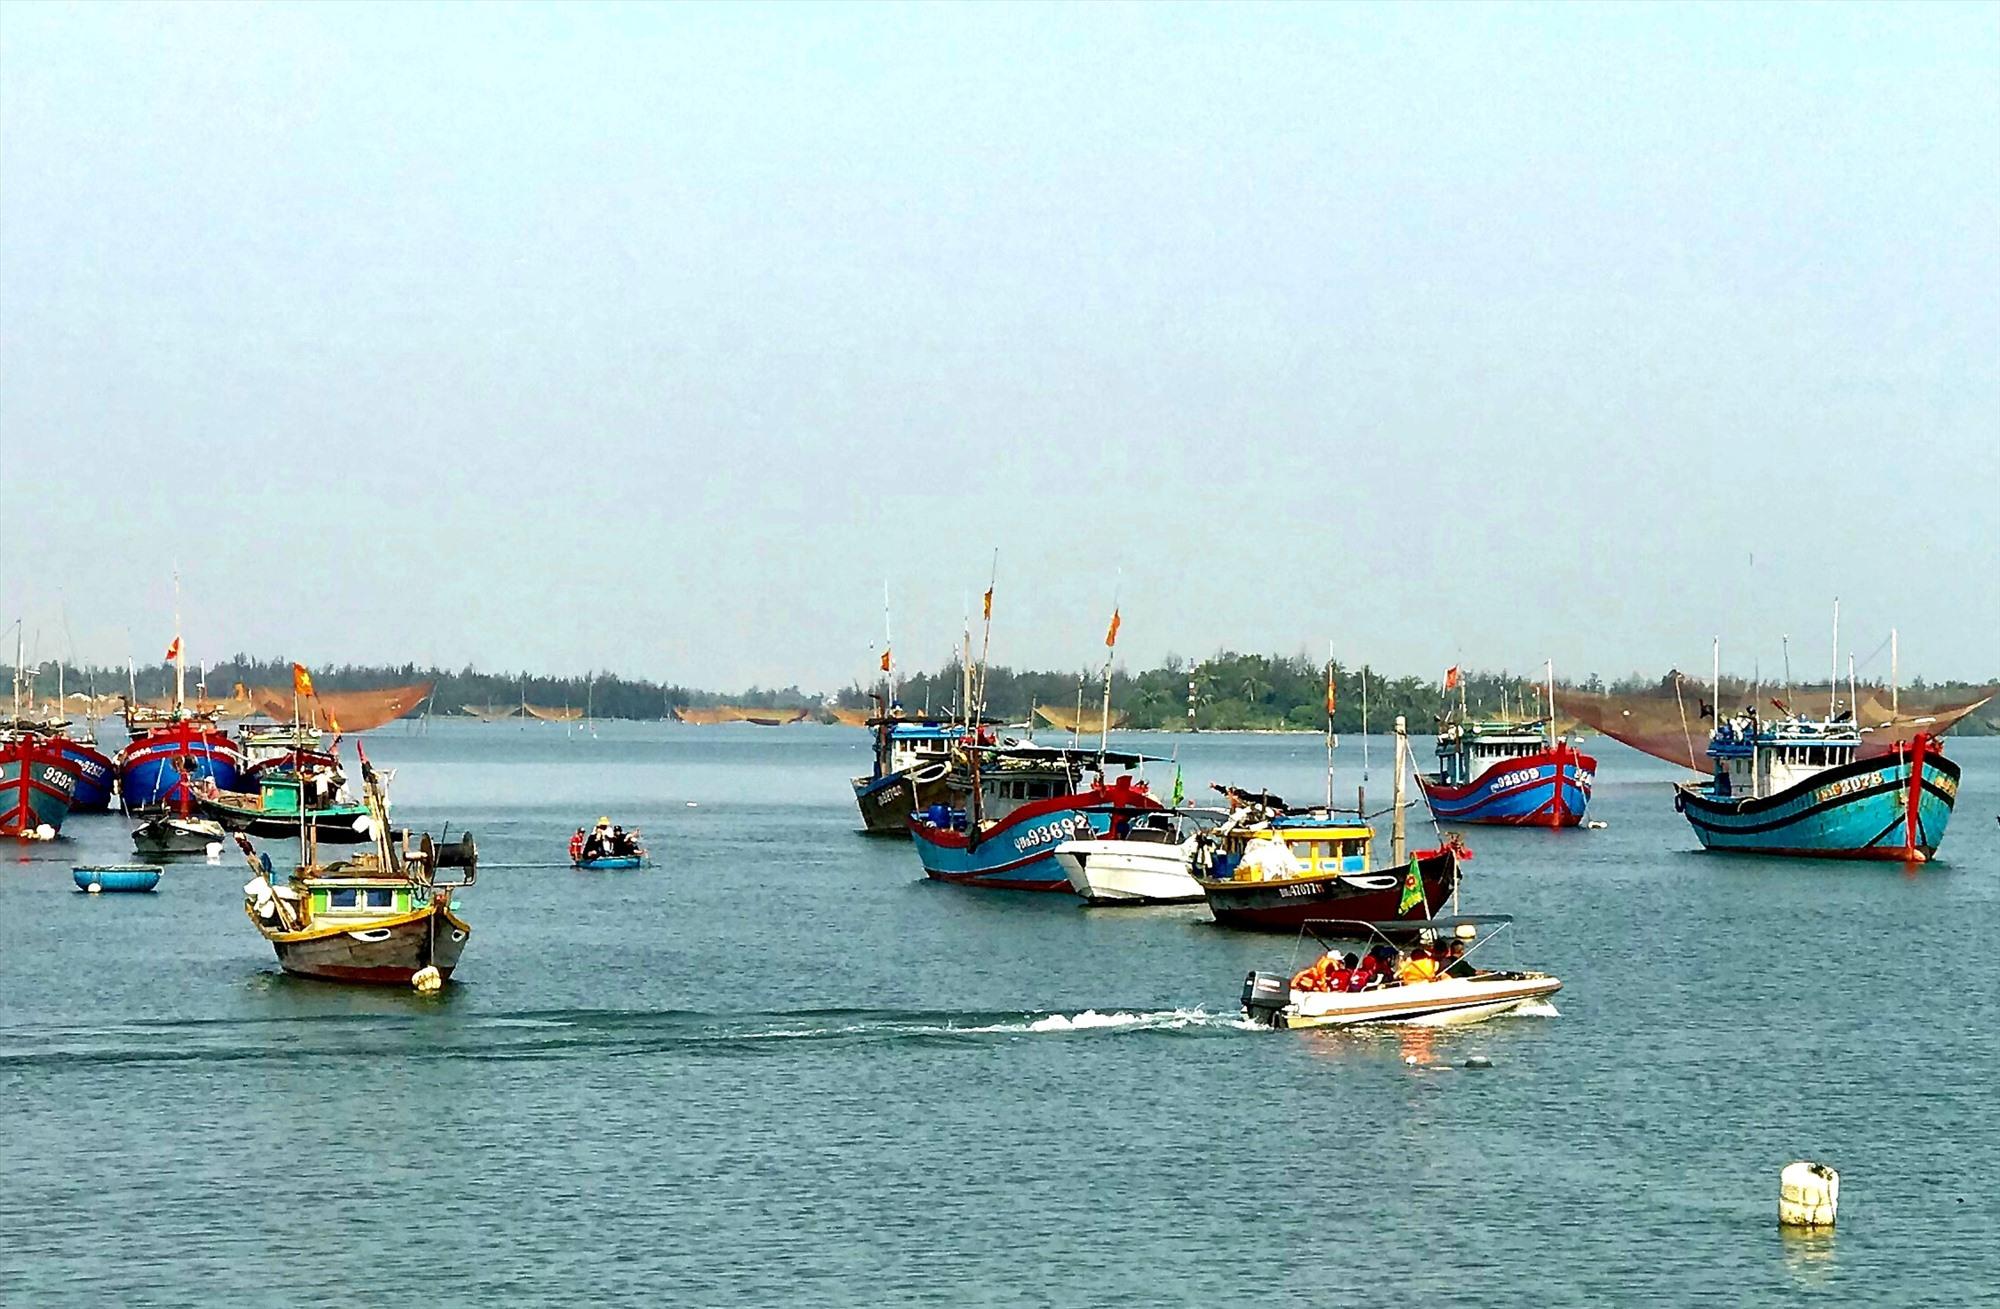 Tìm kiếm nạn nhân vụ lật ghe trên sông Thu Bồn chiều ngày 8.5.2020 làm chết 5 người dân xã Duy Nghĩa (Duy Xuyên).